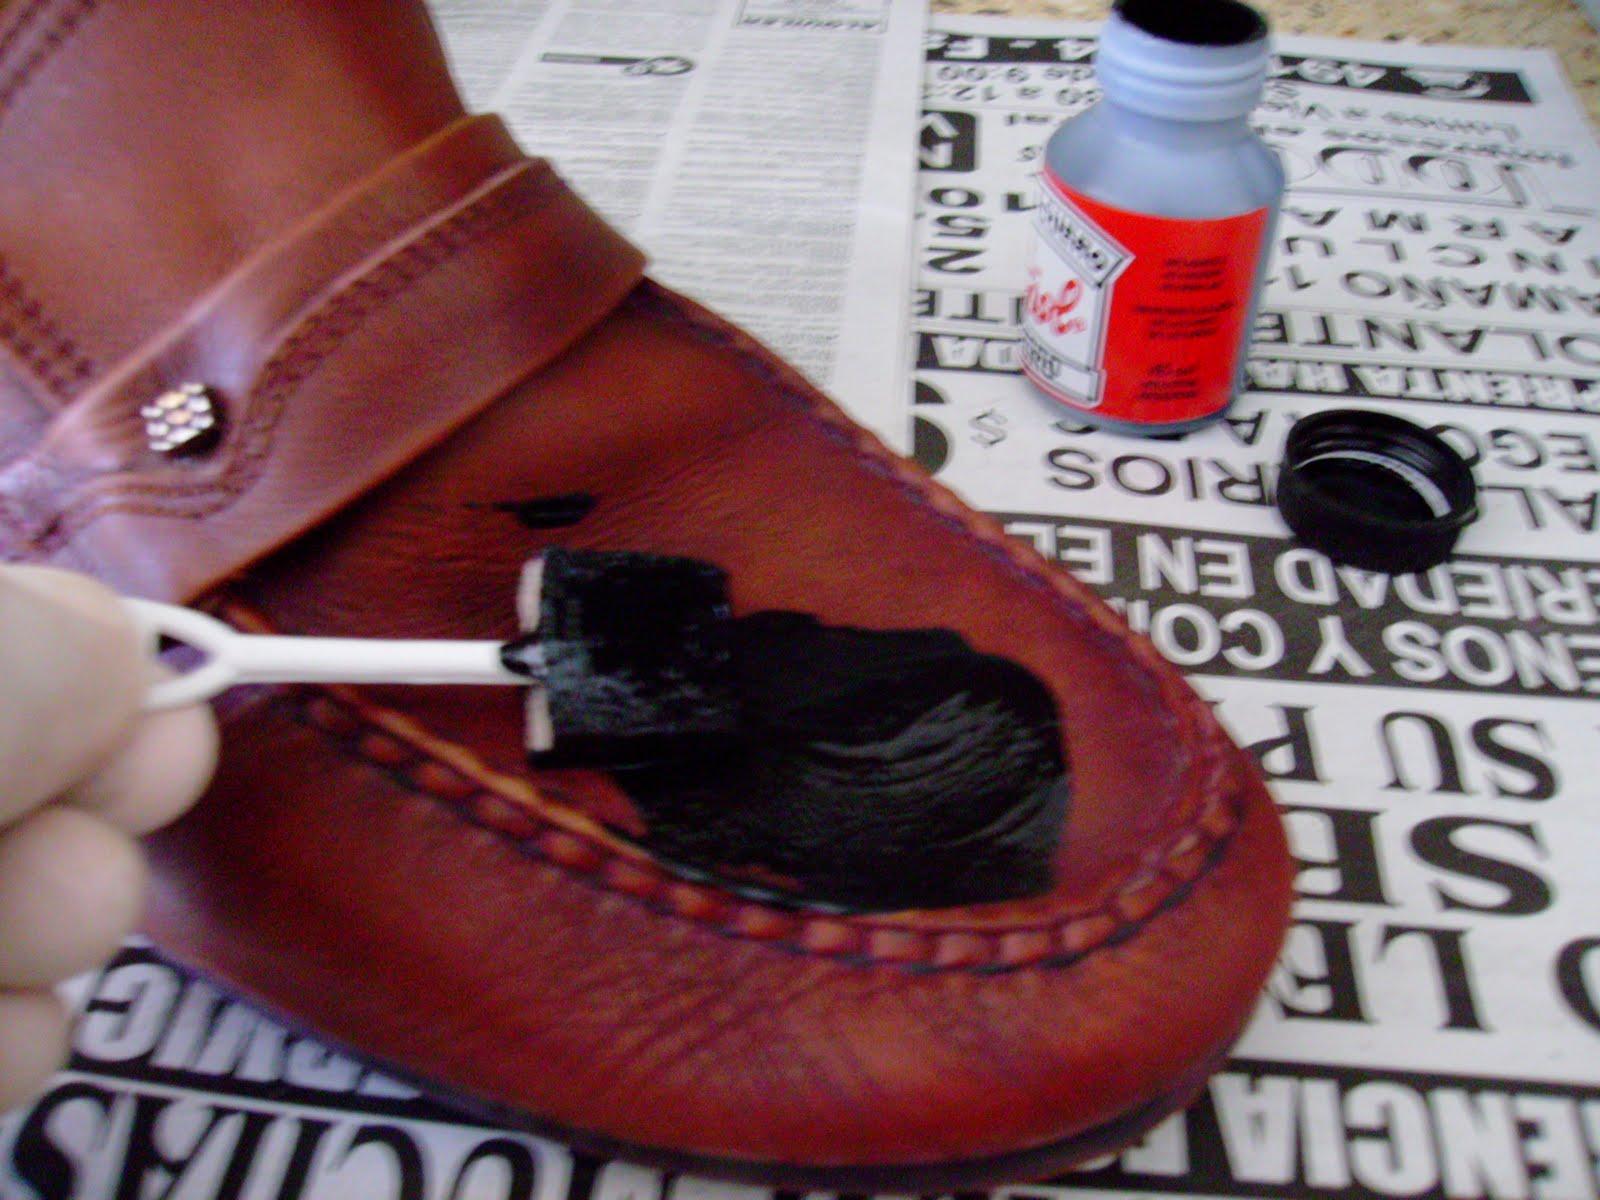 Gamuza Taringa Zapatos De Tus Info Teñir En Yapa Como xHIqz8E